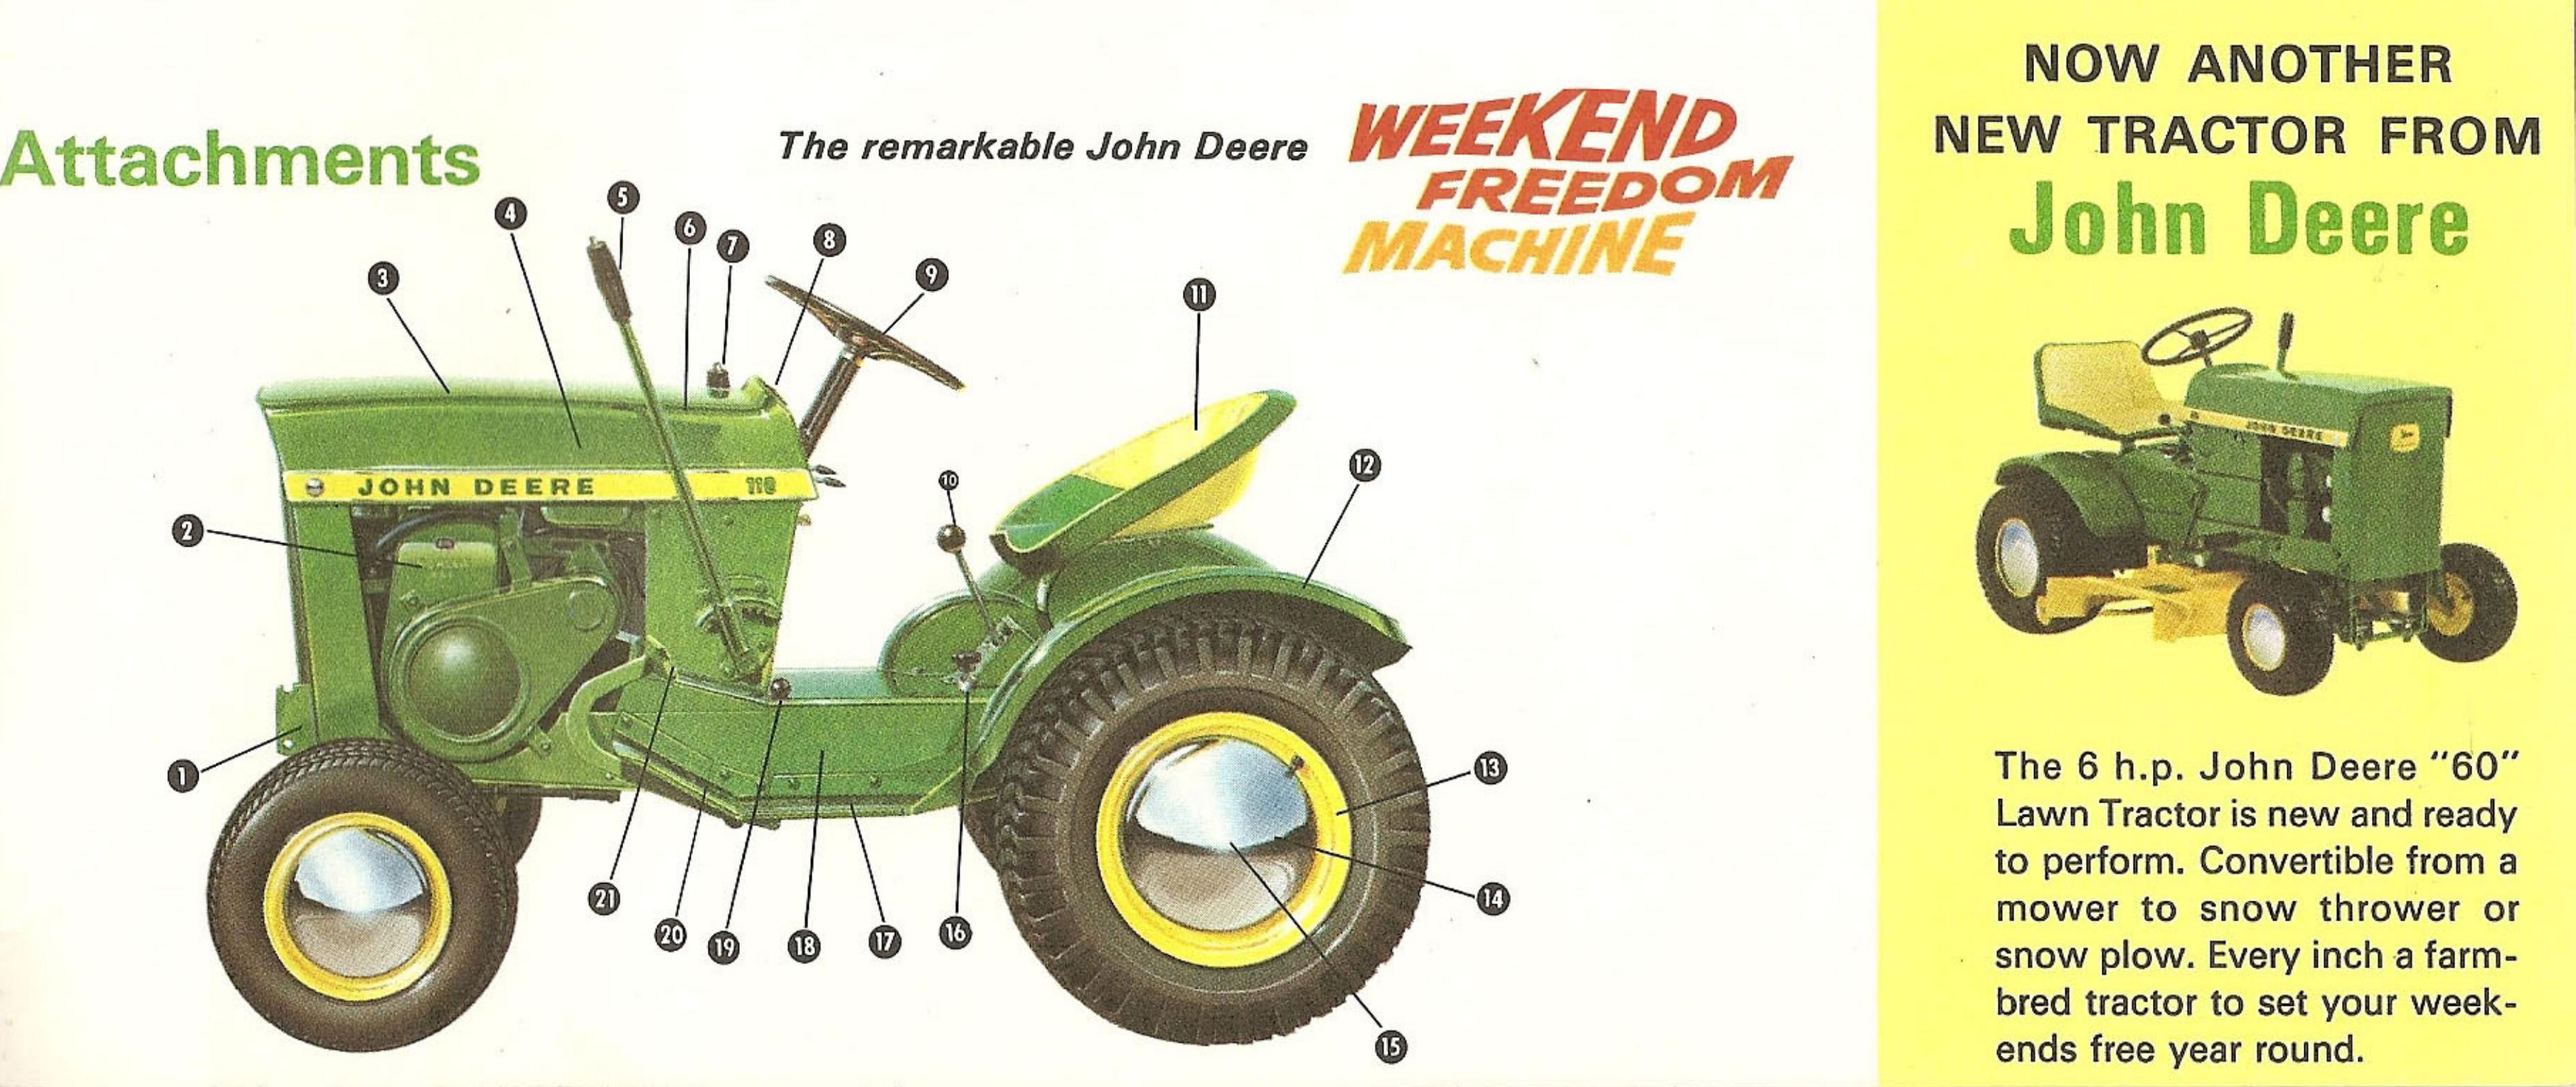 Weekend Freedom Machines >> Weekend Freedom Machines 2020 Best Car Reviews